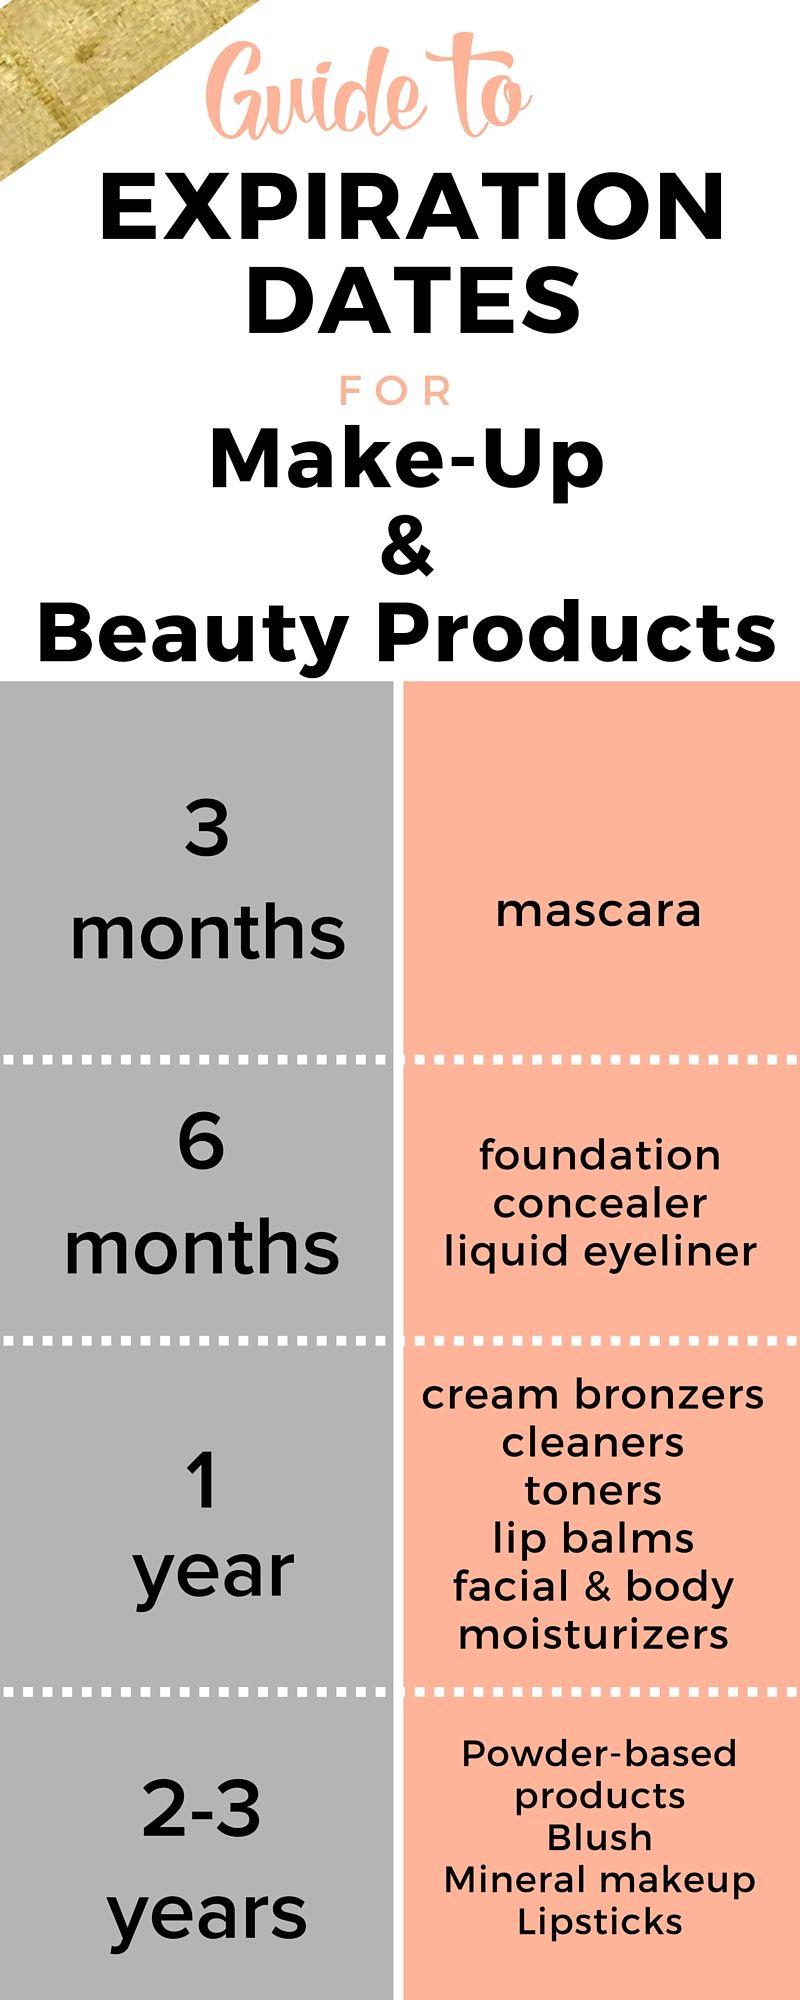 Makeup and Beauty Expiration Dates